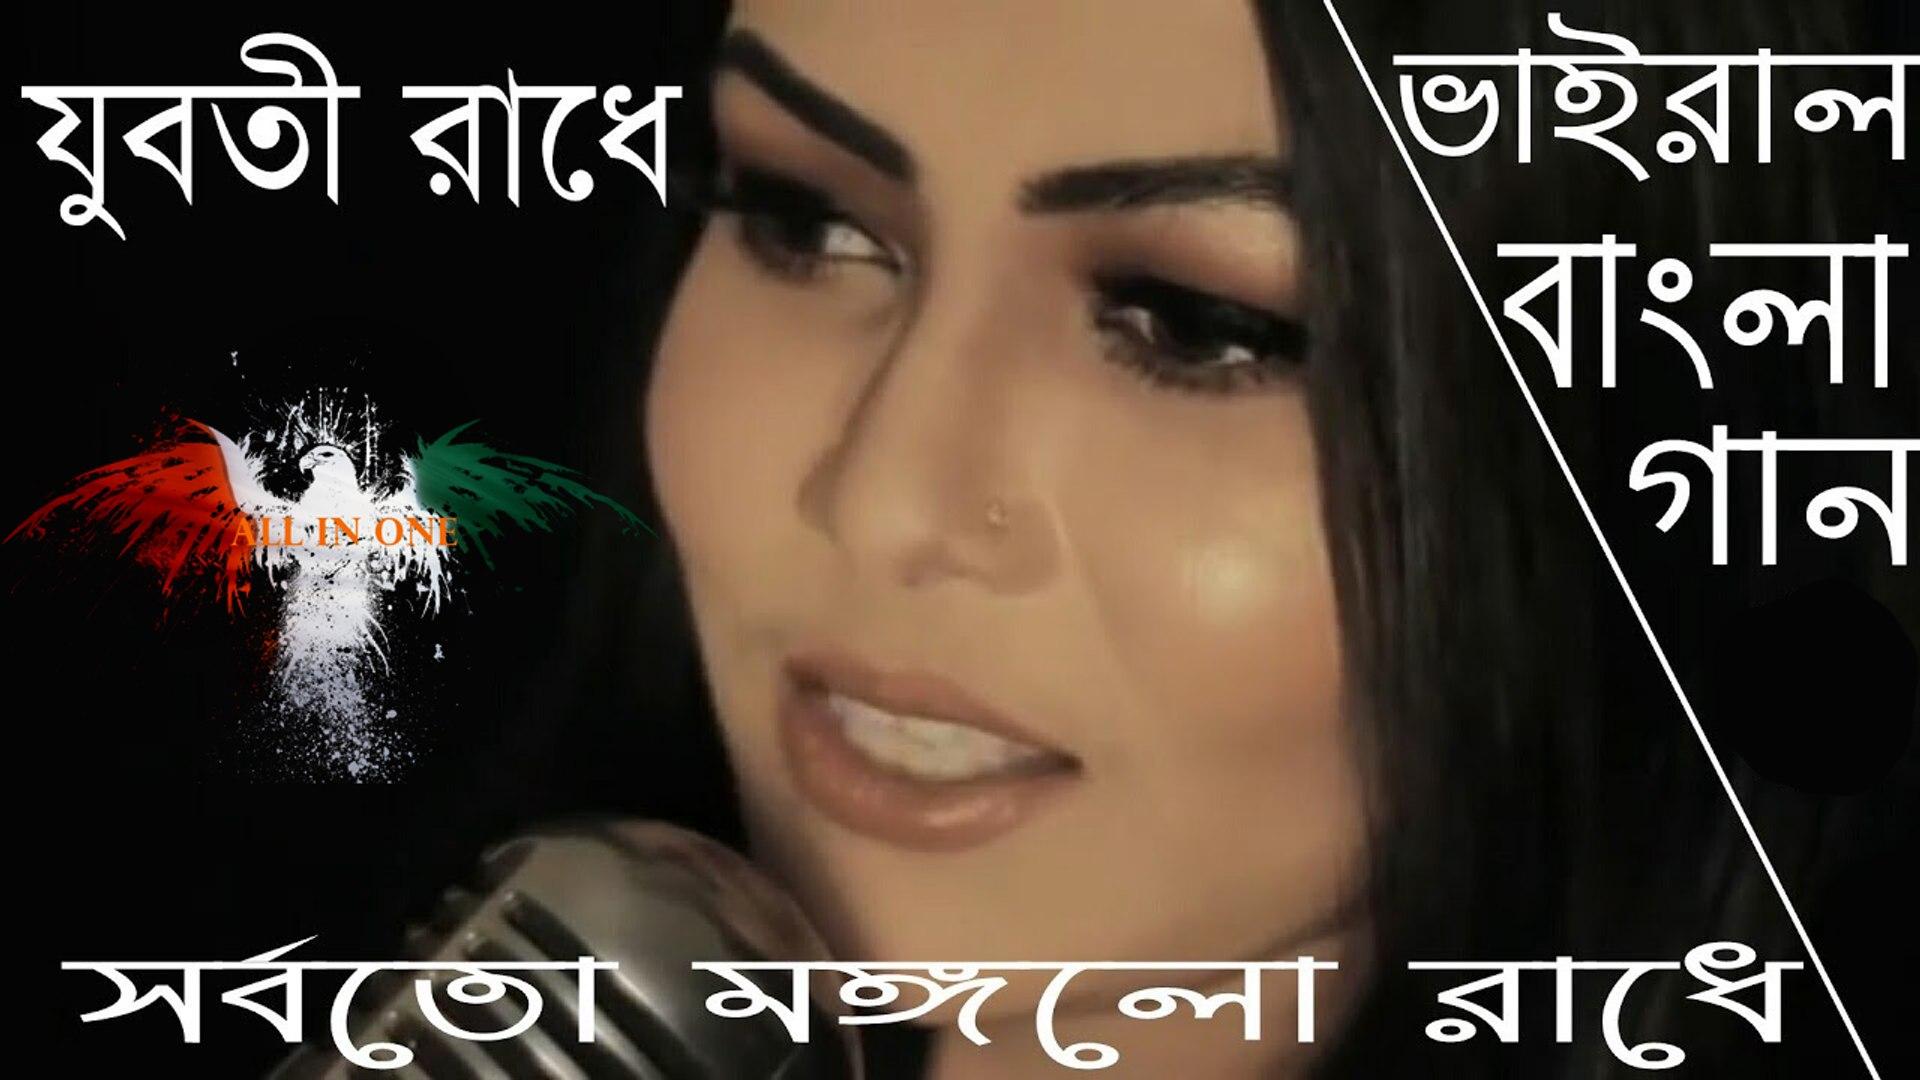 New Bengali song Juboti Radhe